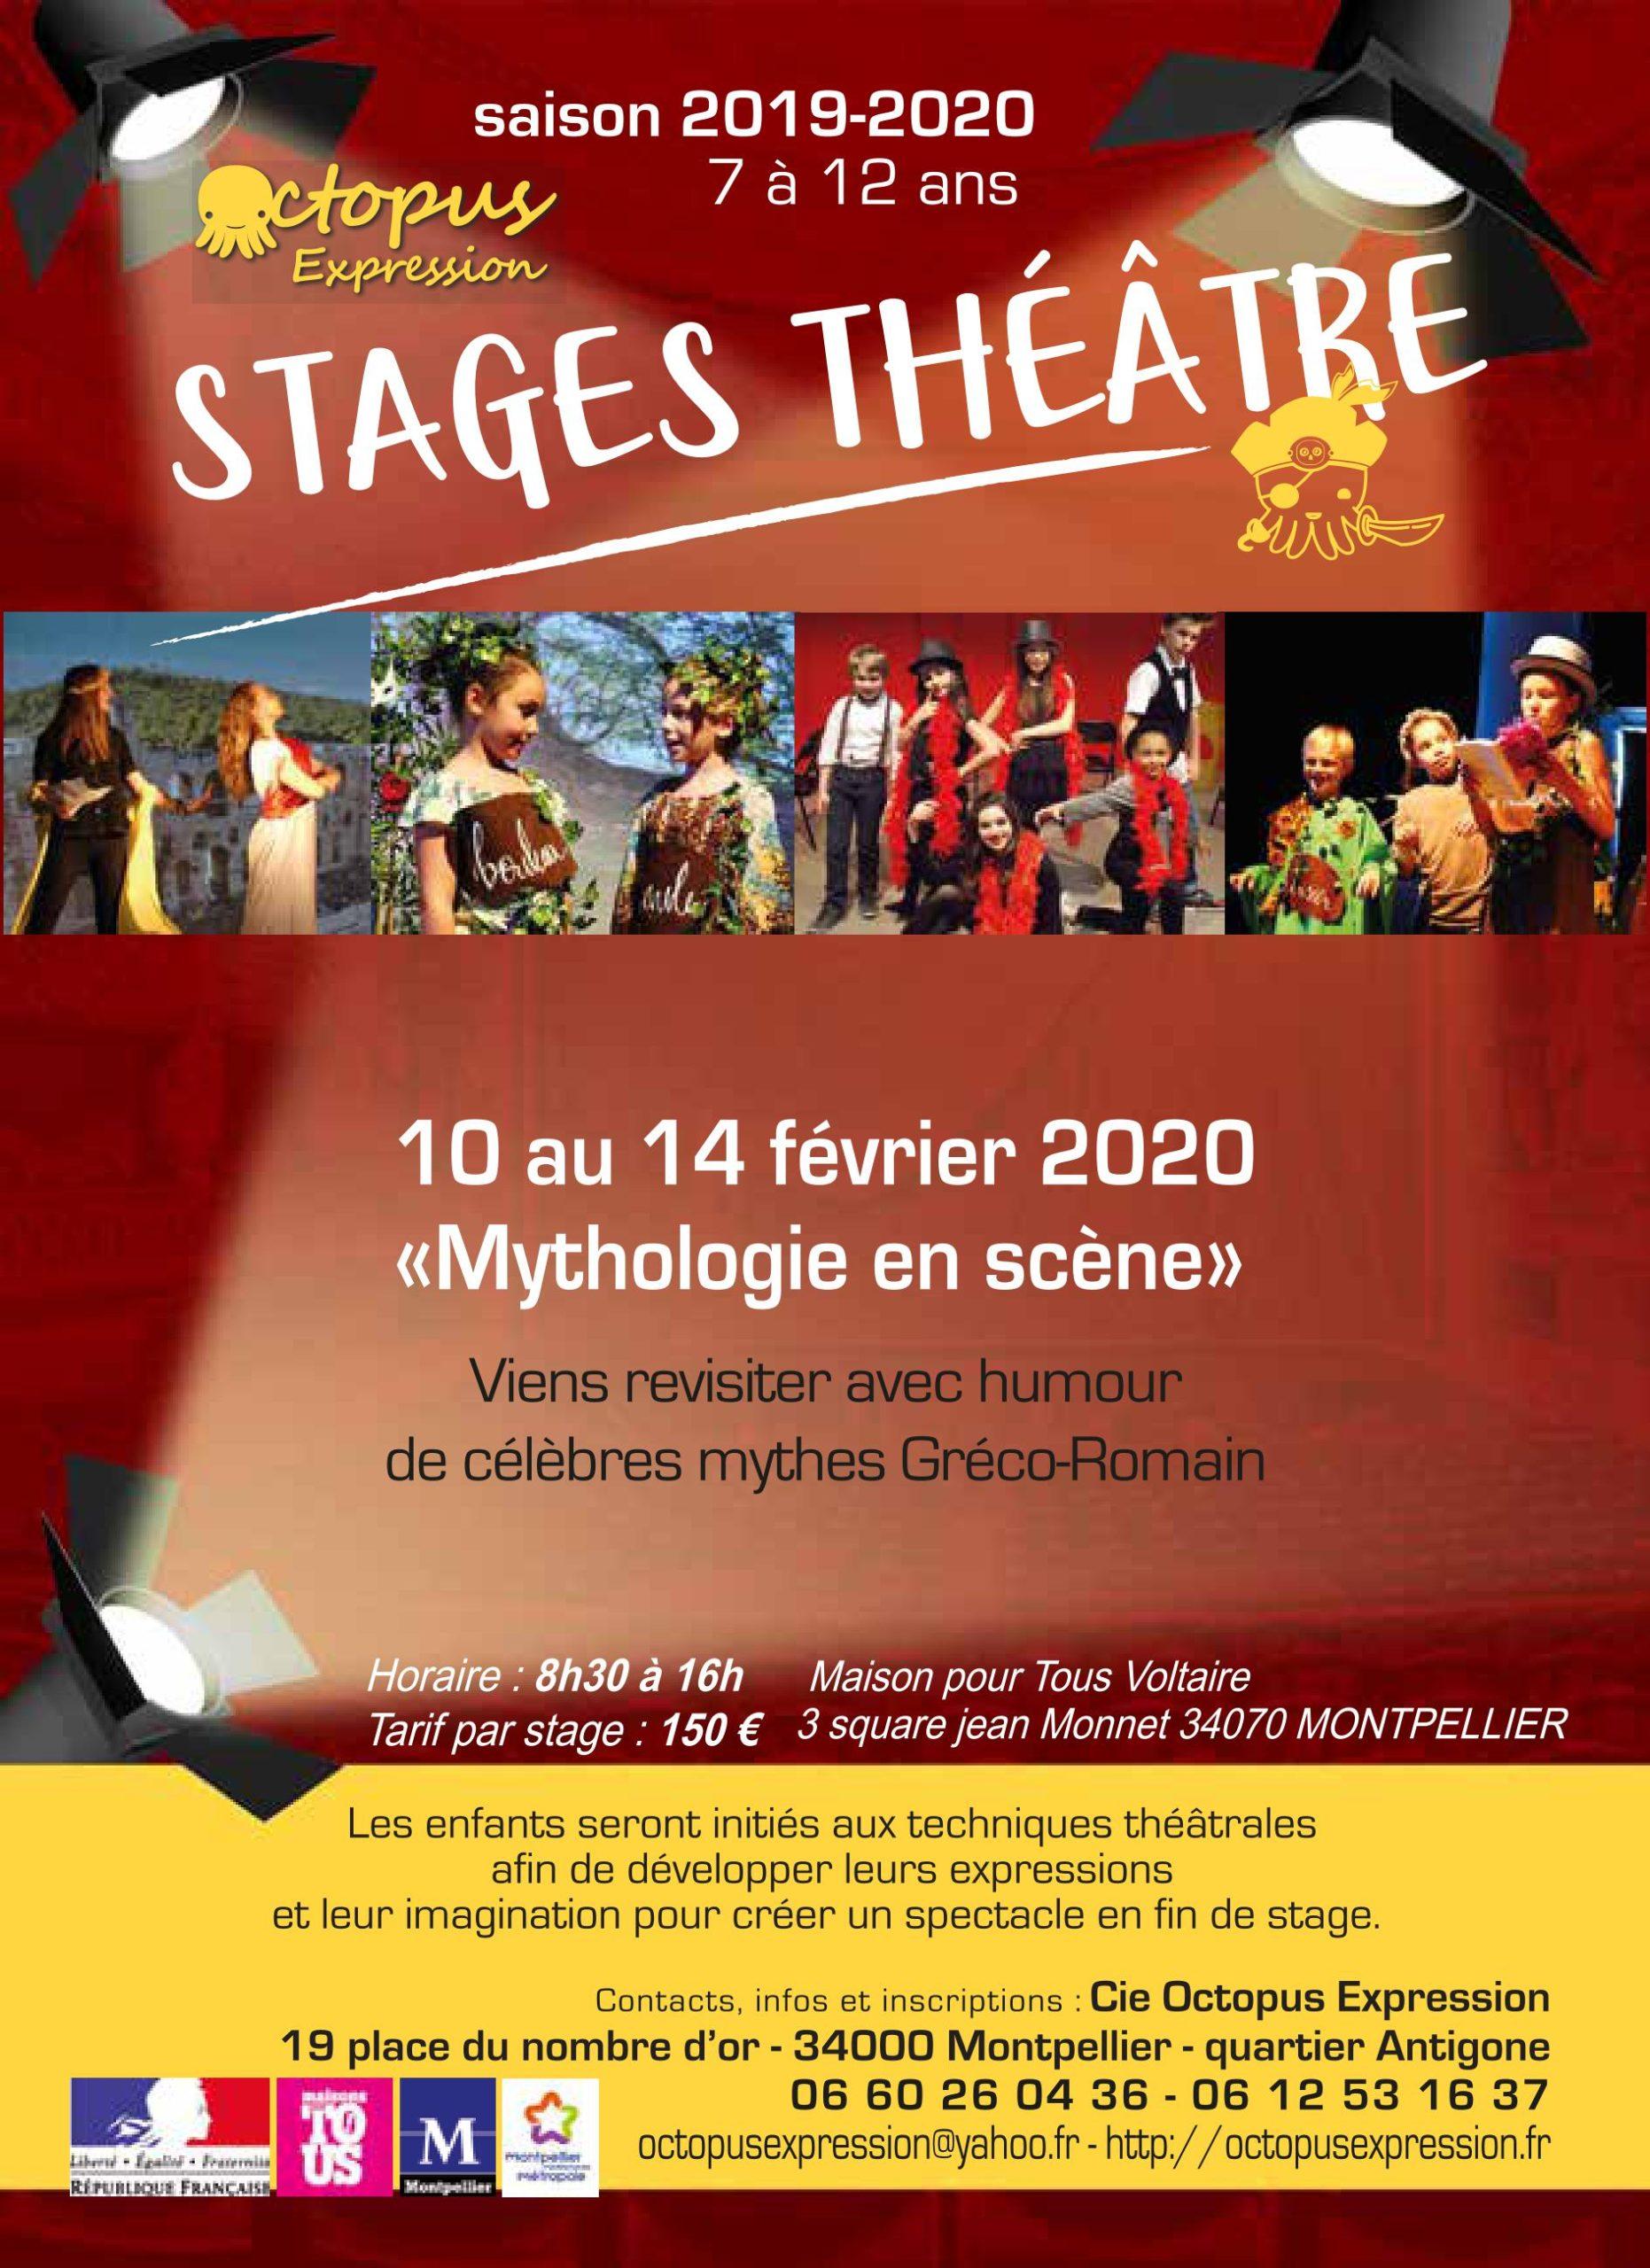 stage vavances théâtre février 2020